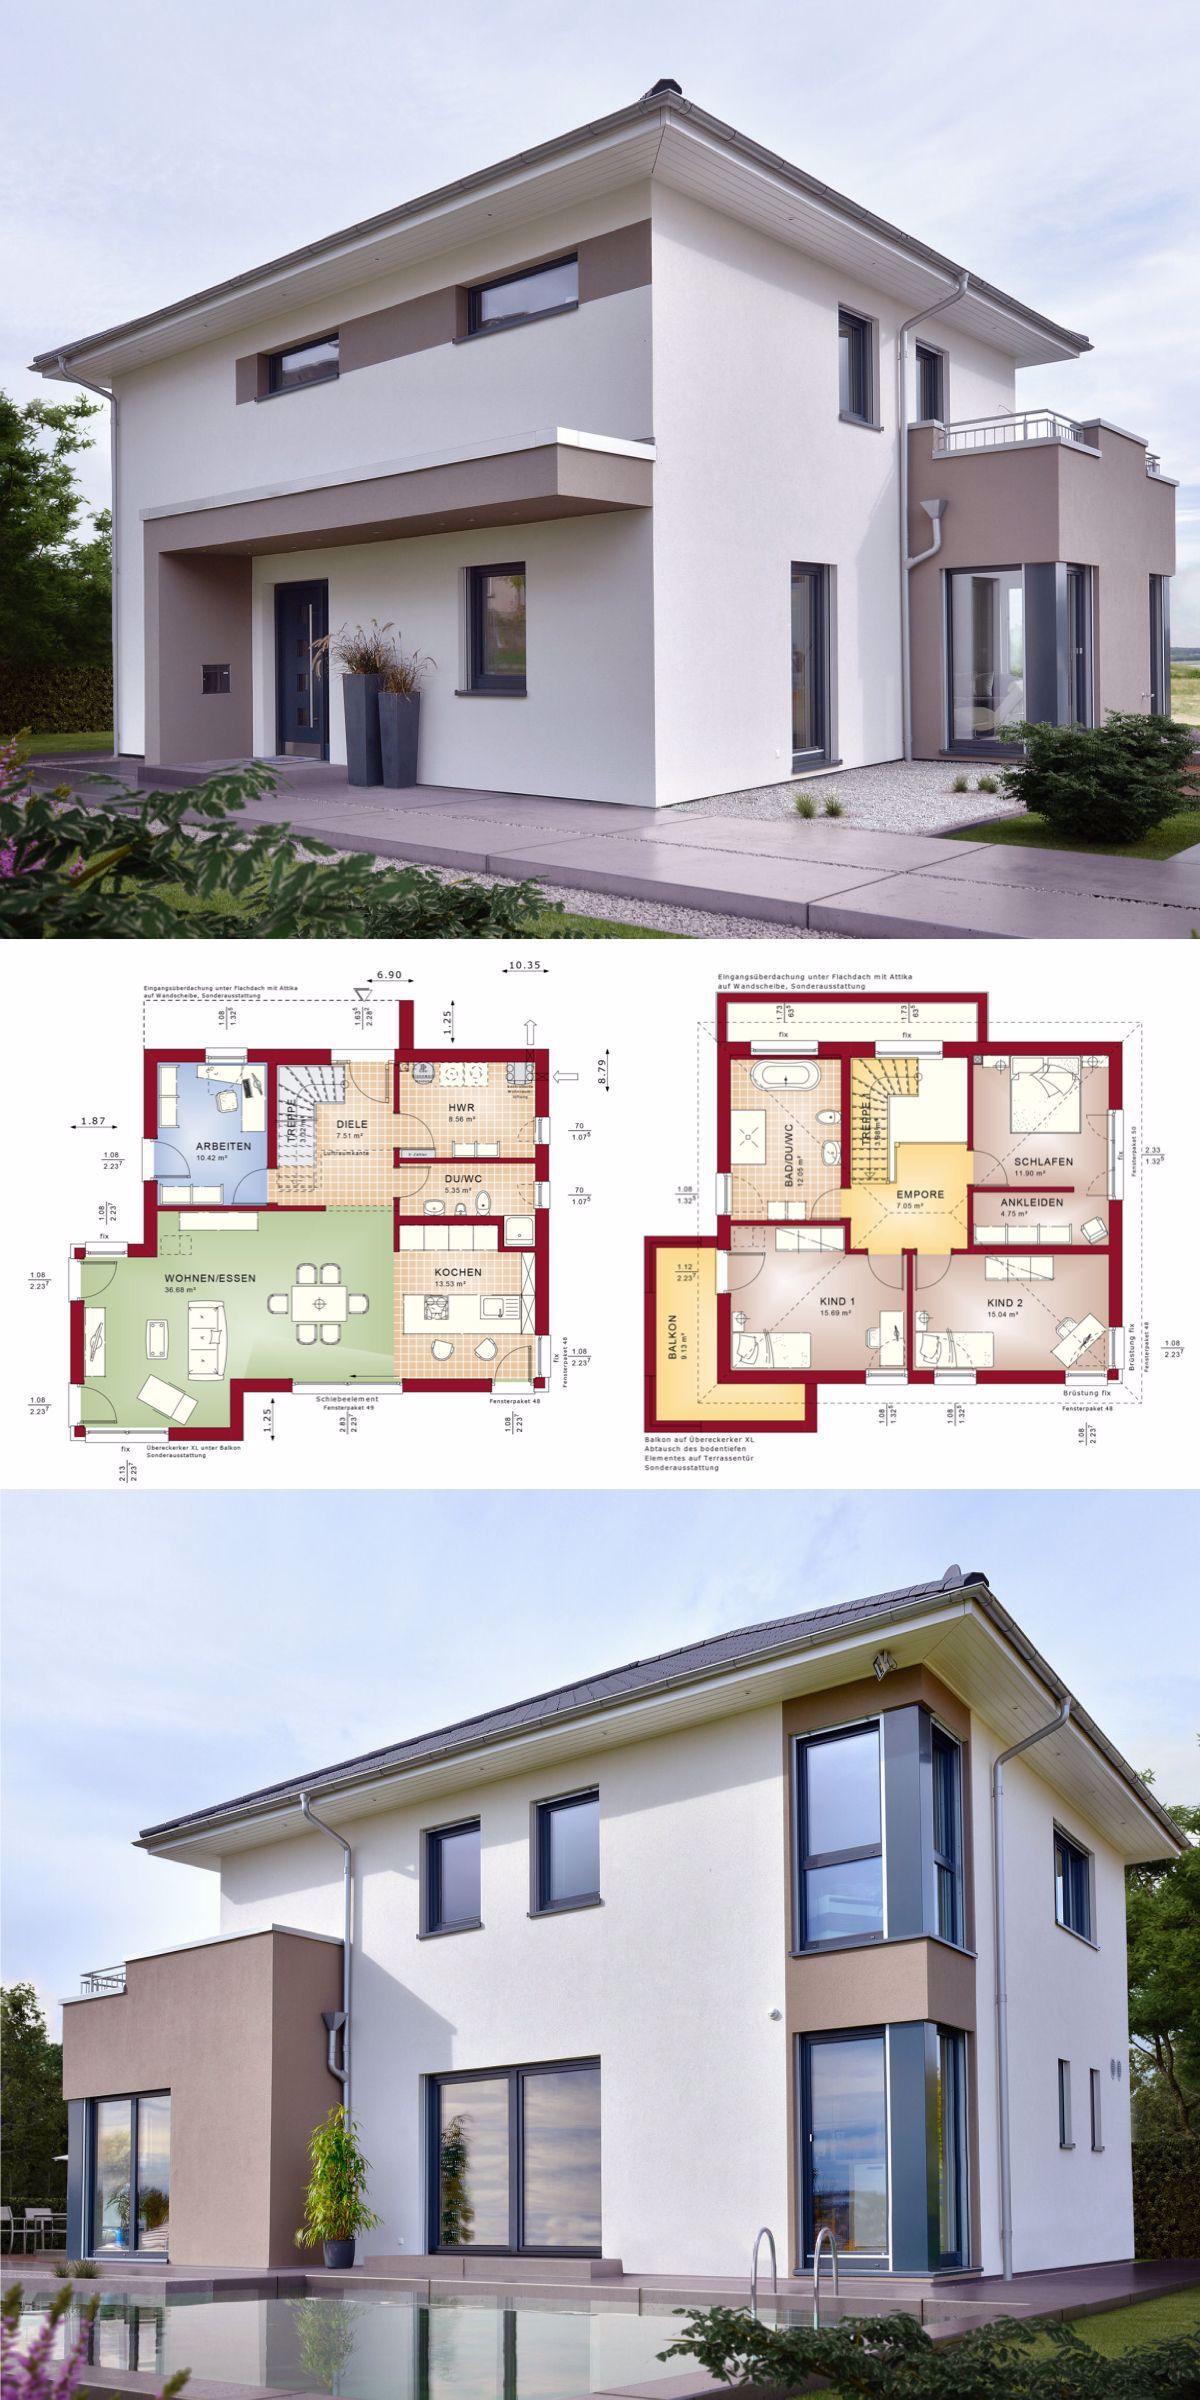 Stadtvilla Neubau Modern Mit Walmdach Architektur Erker Anbau Haus Bauen Grundriss Einfam In 2020 Prefabricated Houses Building A House Roof Architecture